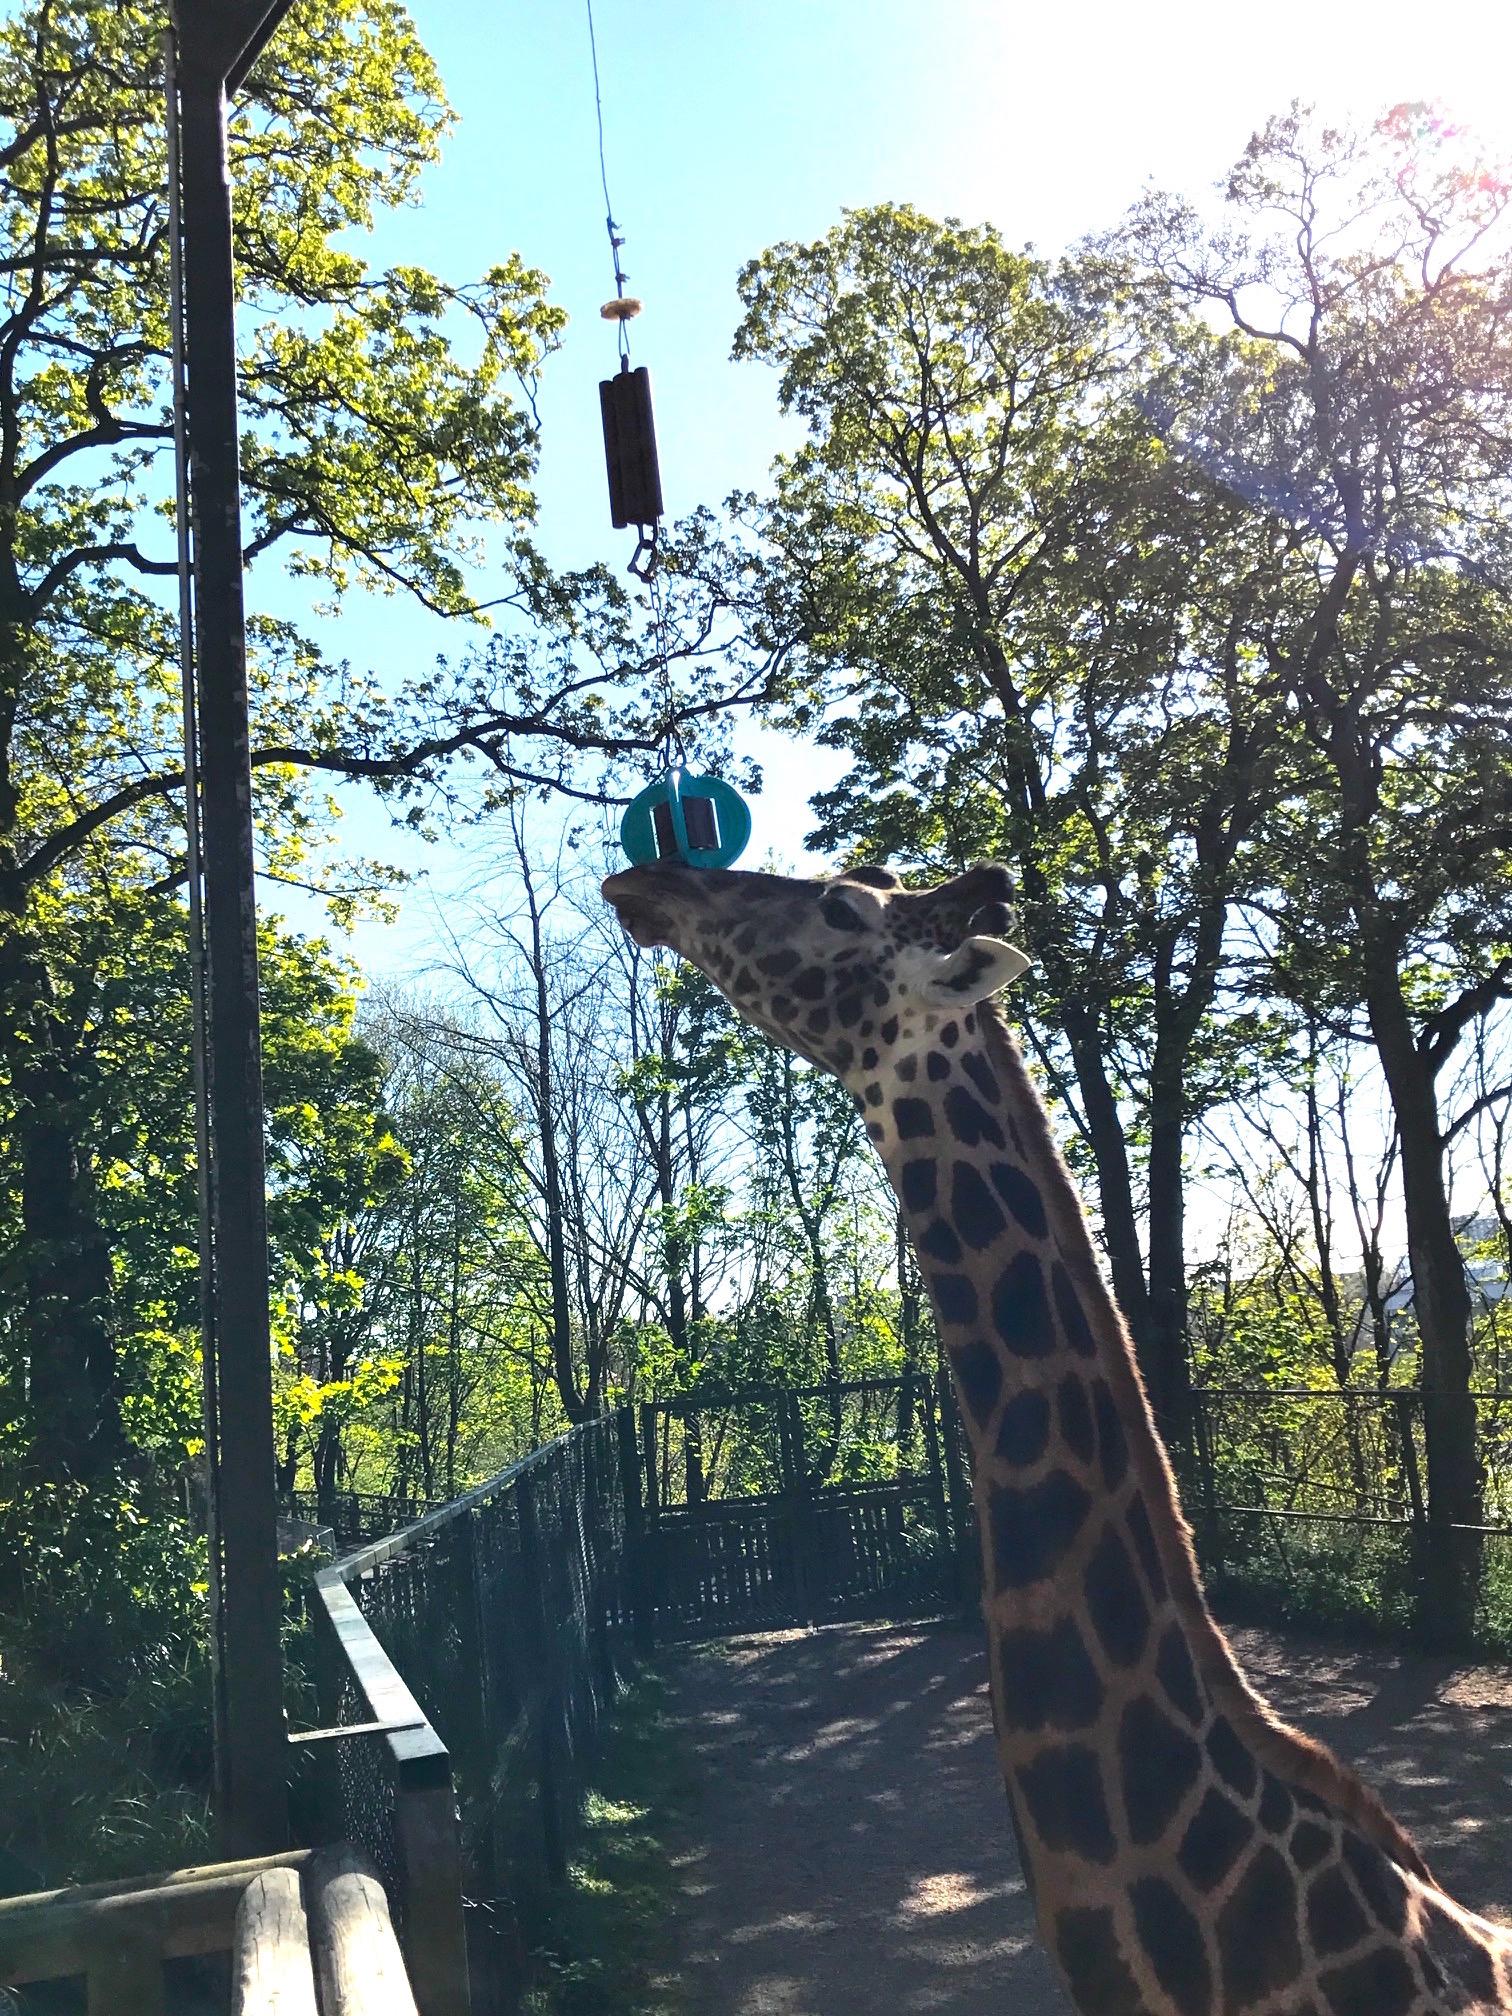 Ungulate Zoo Ungulate winner...